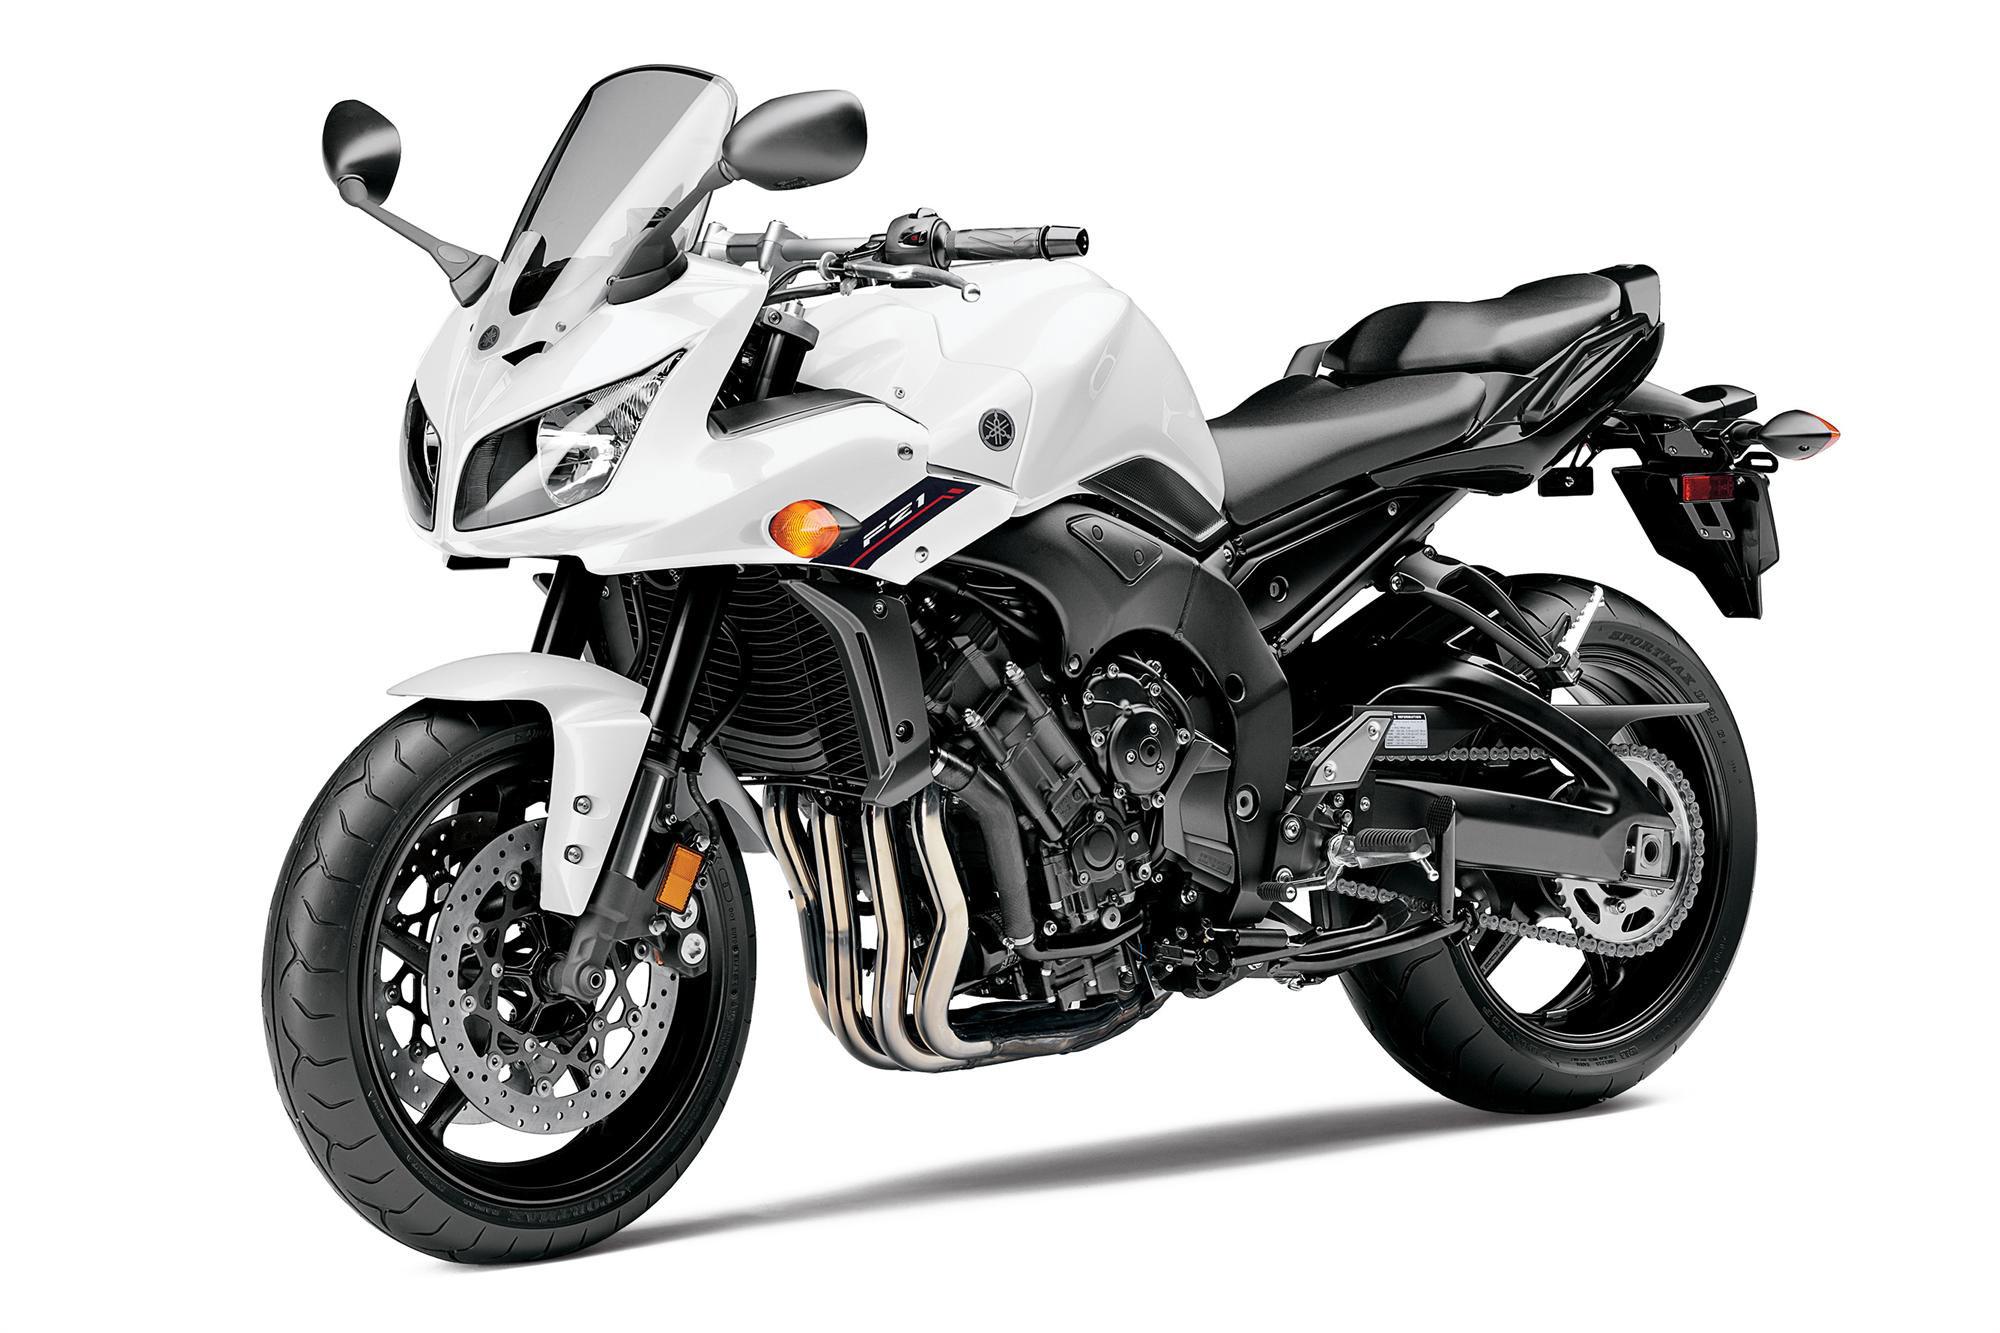 2011 Yamaha FZ1 | Top Speed